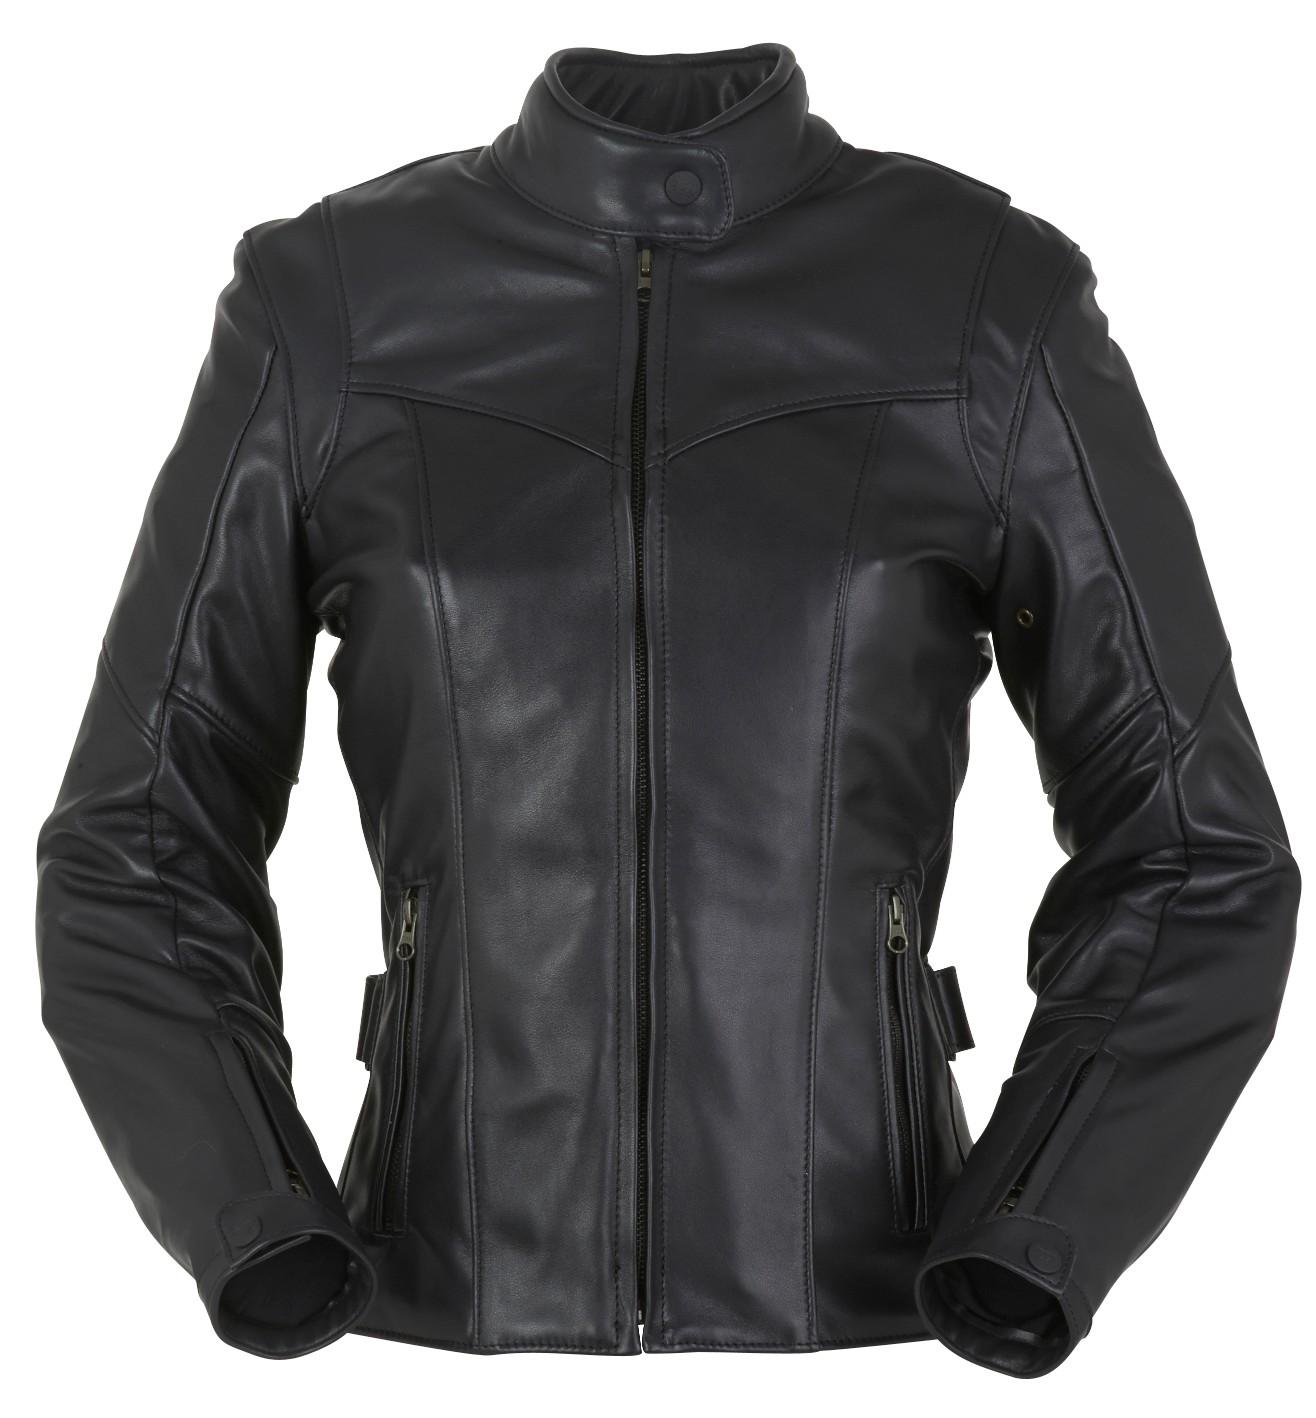 De bella is gemaakt van een ongelofelijk zacht, hoge kwaliteit leder. de jas bevat discrete beschermende ...